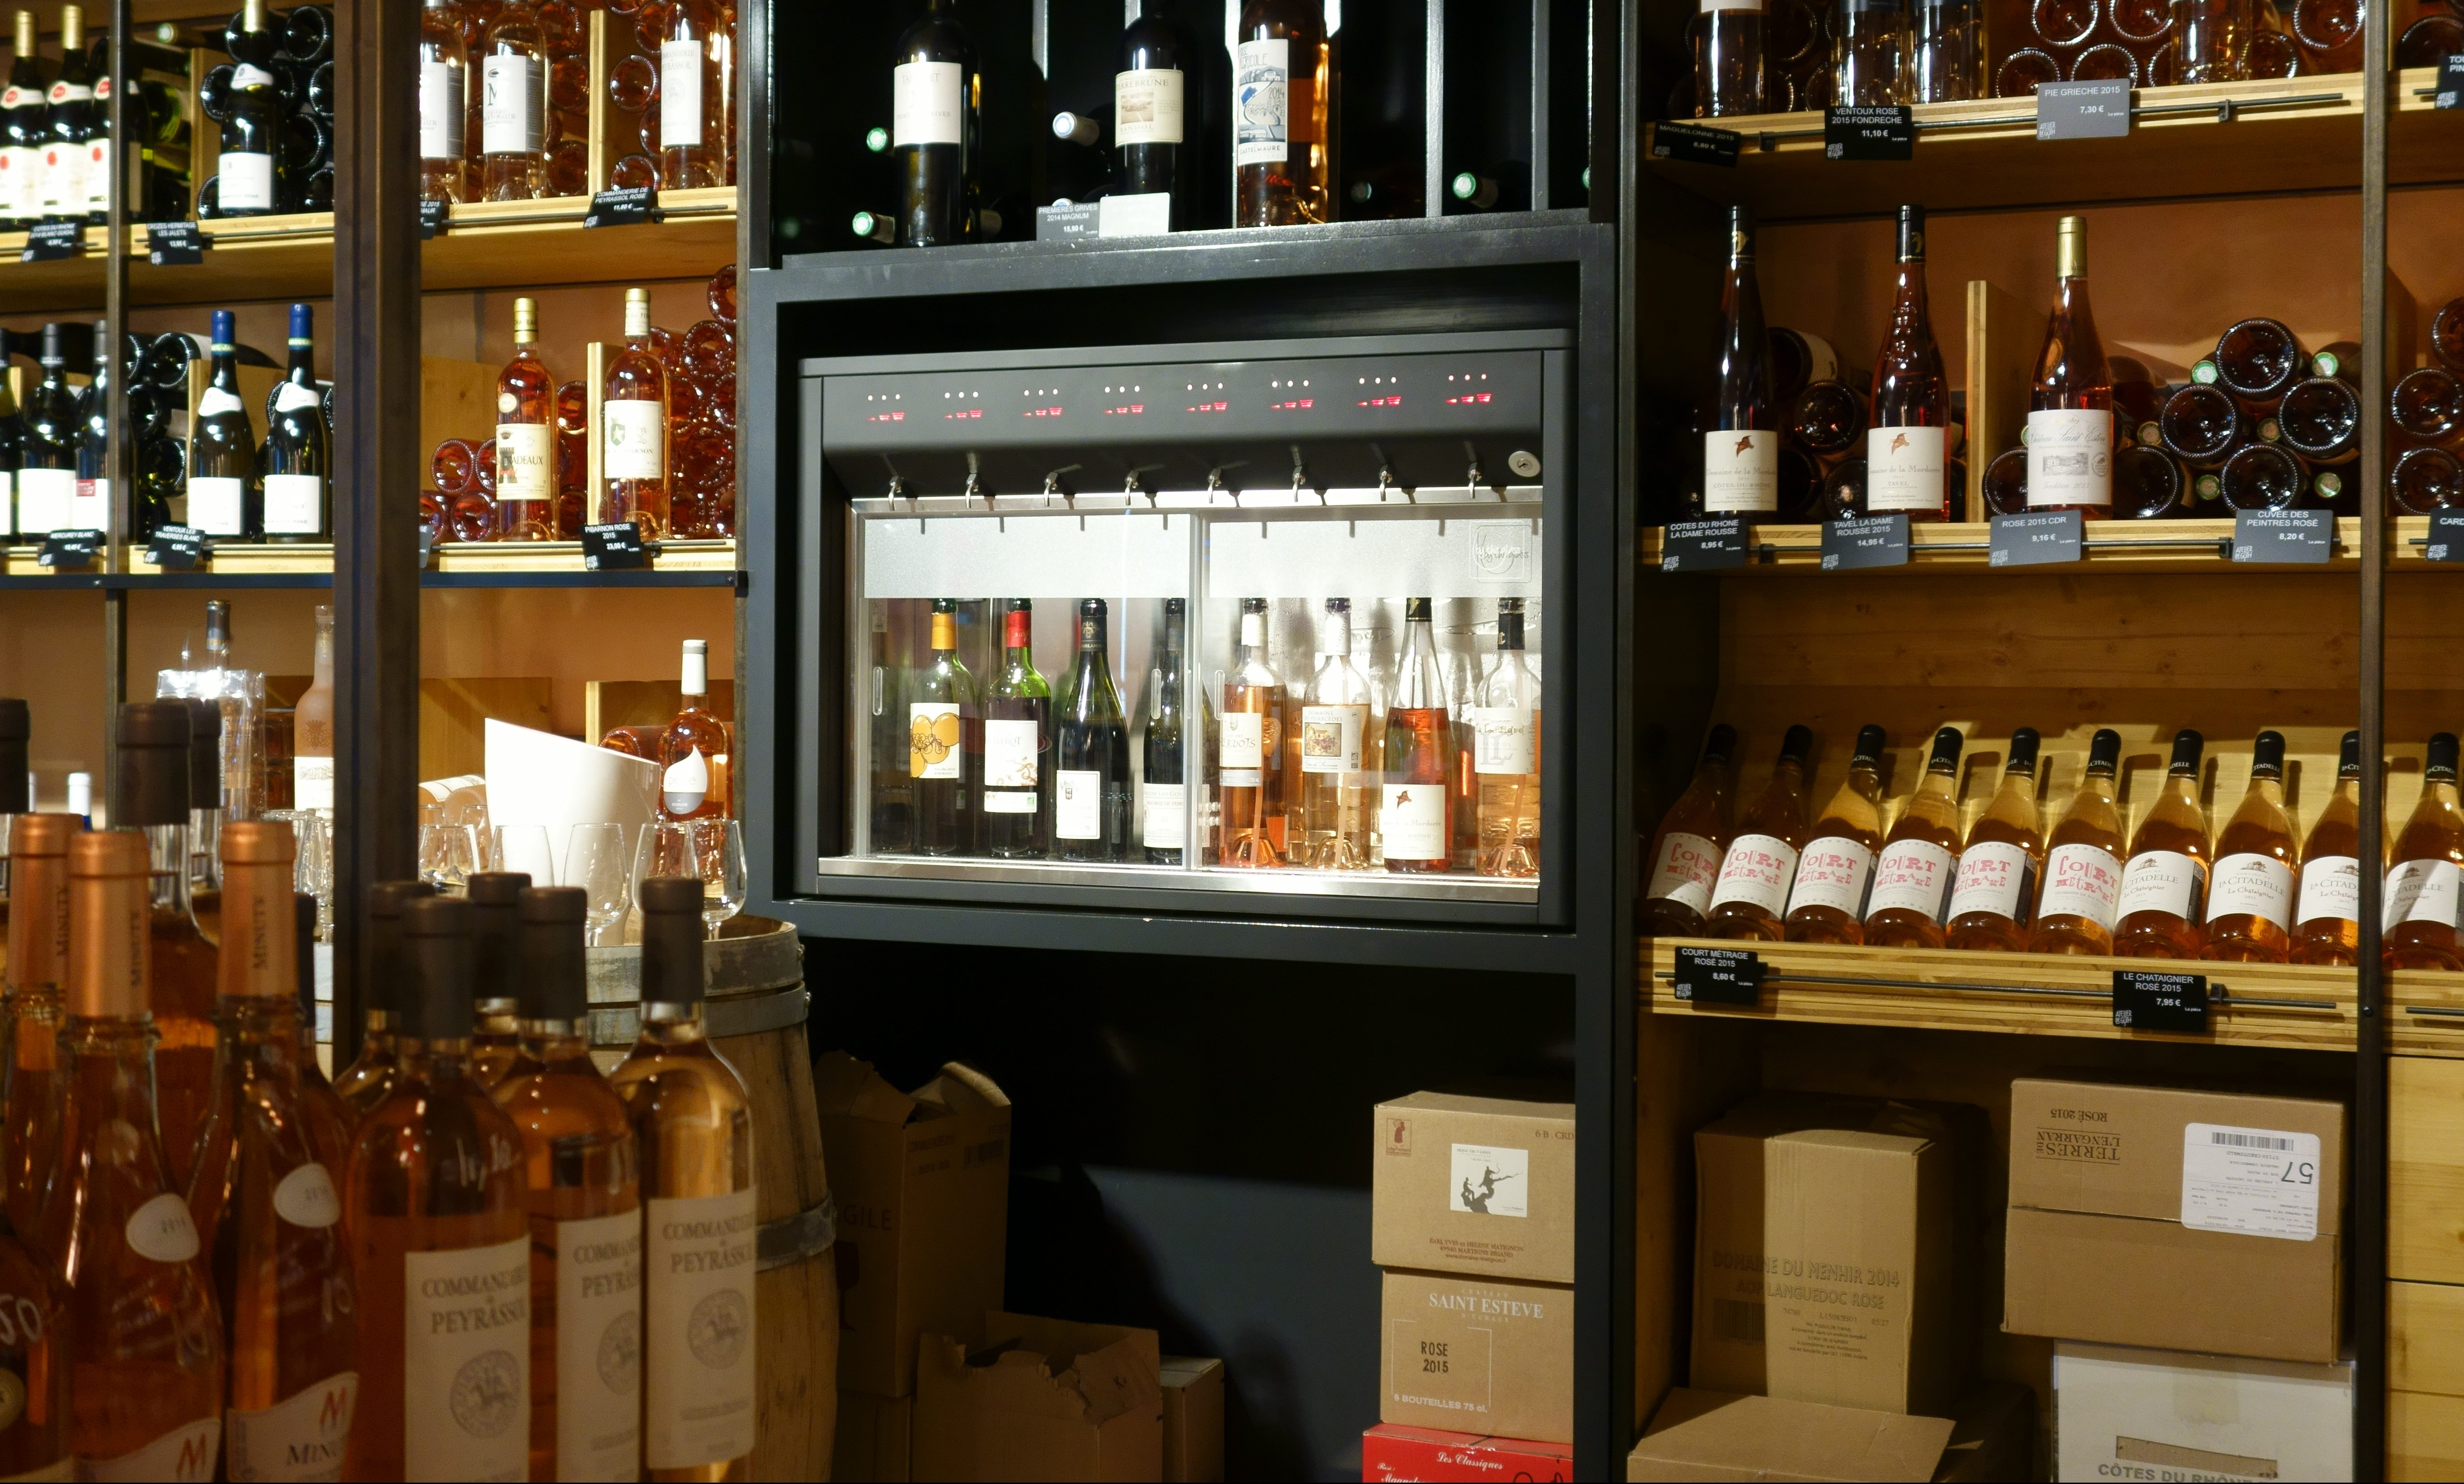 Distributeur de vin au verre compact modèle Stage